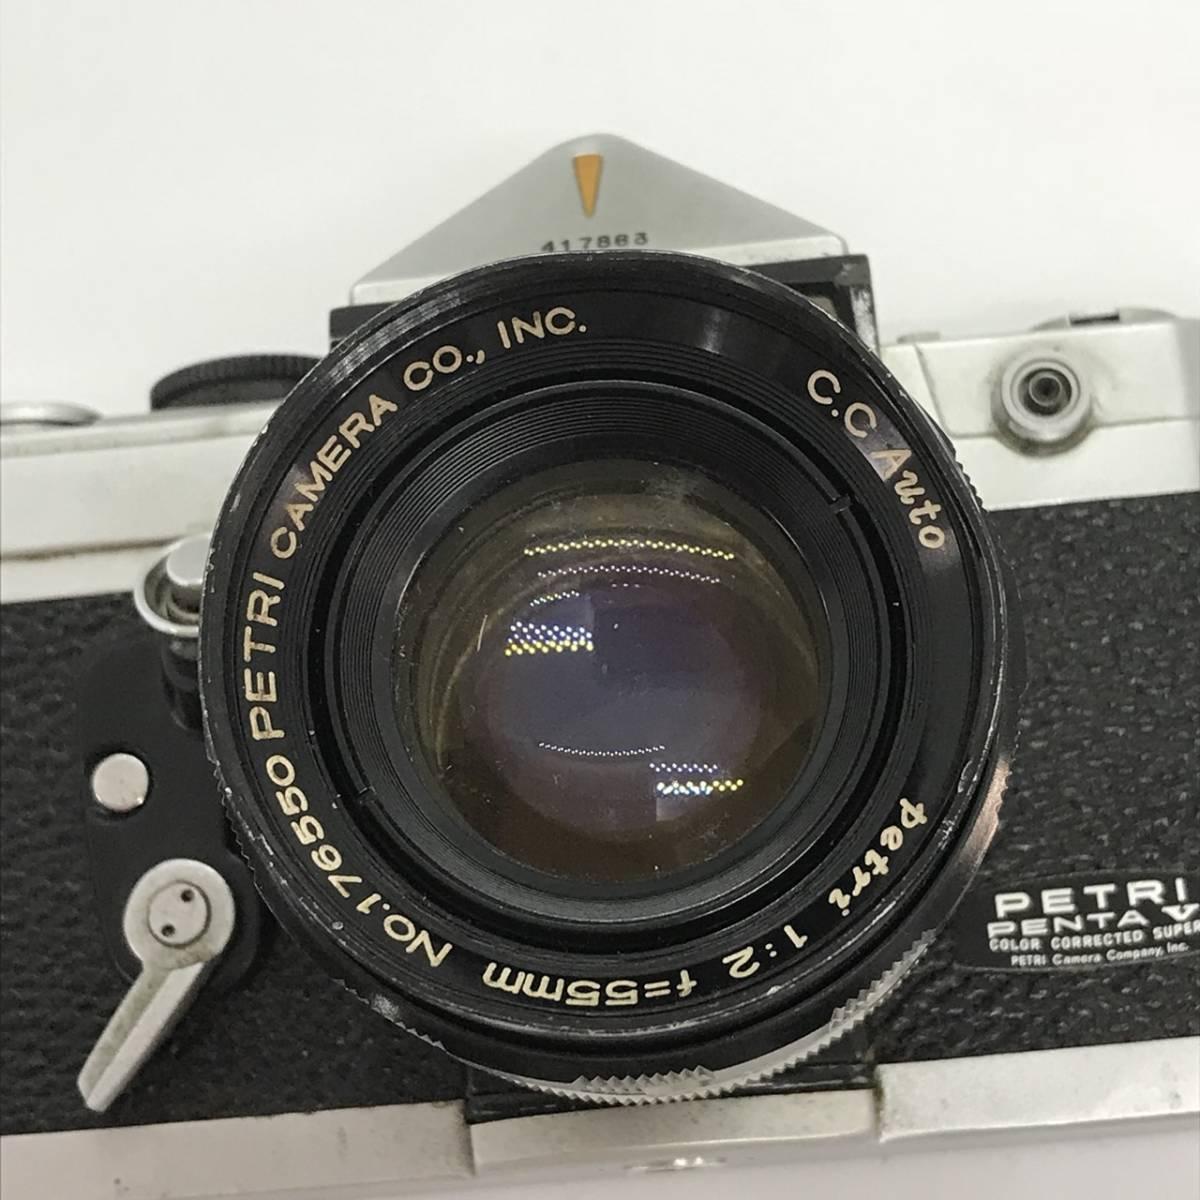 PETRI ペトリ フィルム カメラ Petri 1:2 f=55mm_画像4